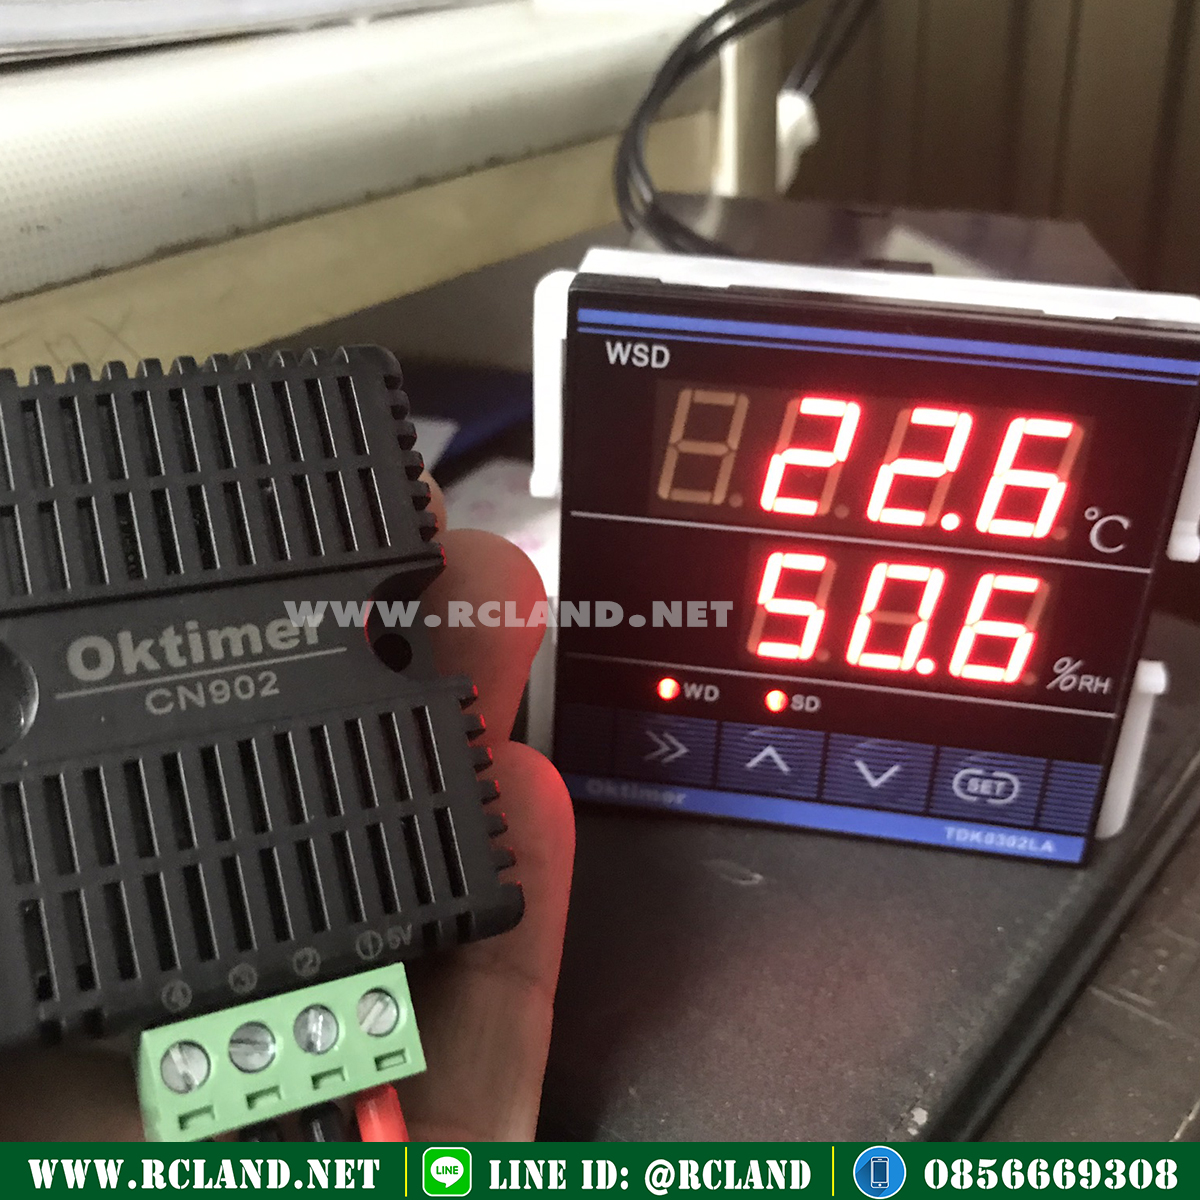 เครื่องควบคุมอุณหภูมิและความชื้น TDK0302LA